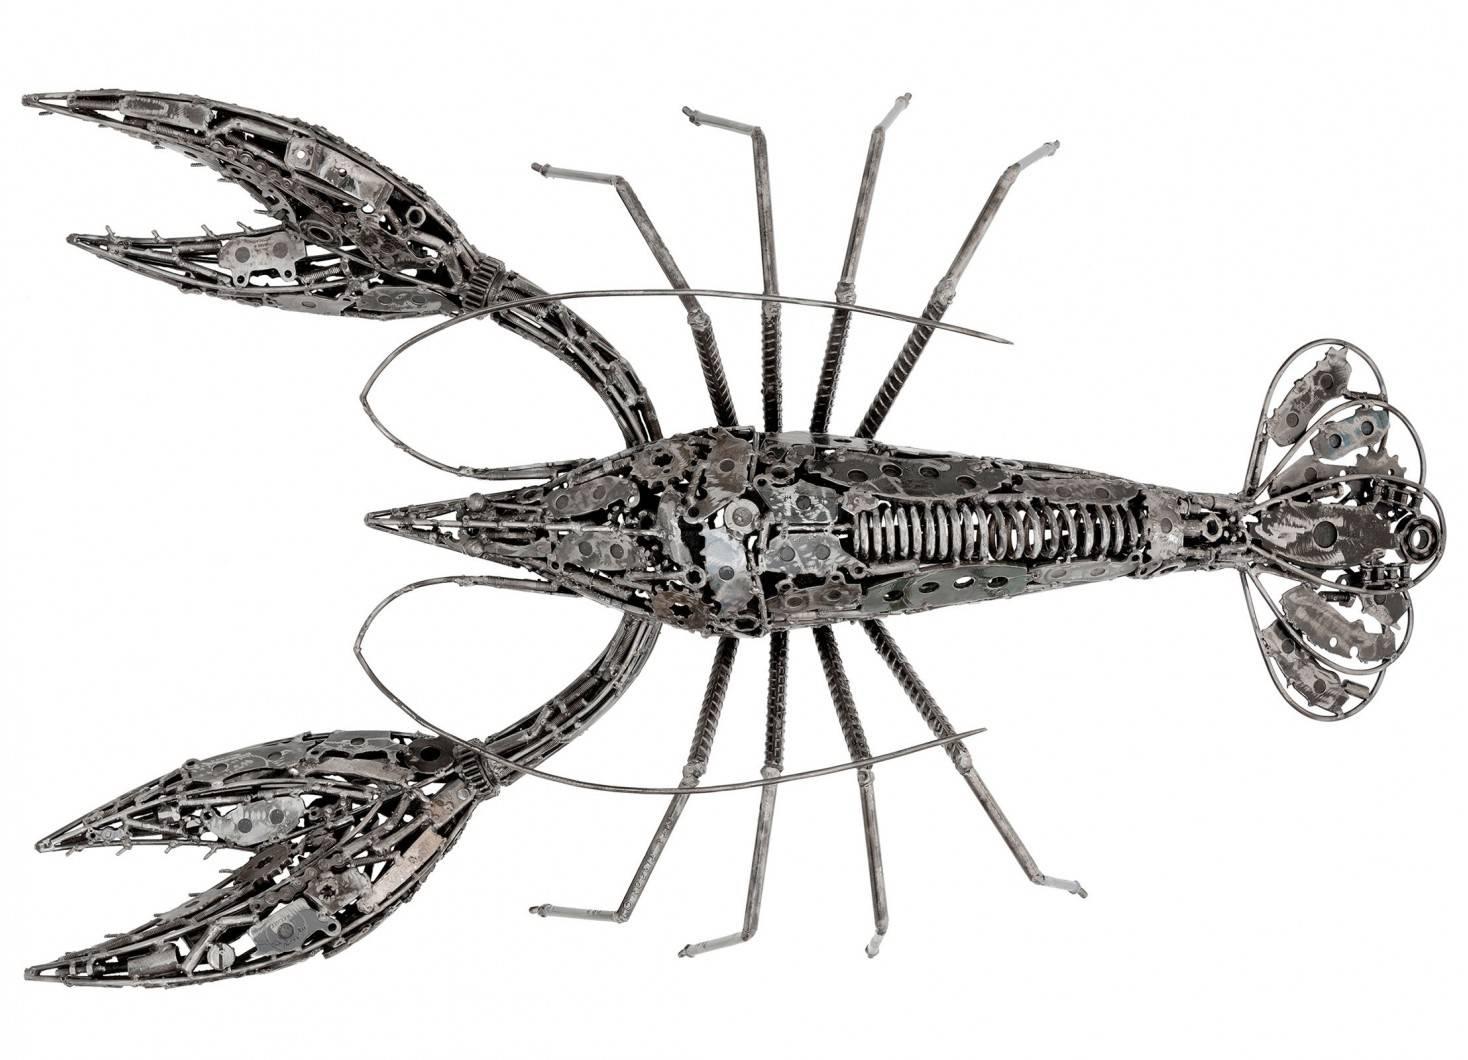 Sculpture de homard en métal récupéré